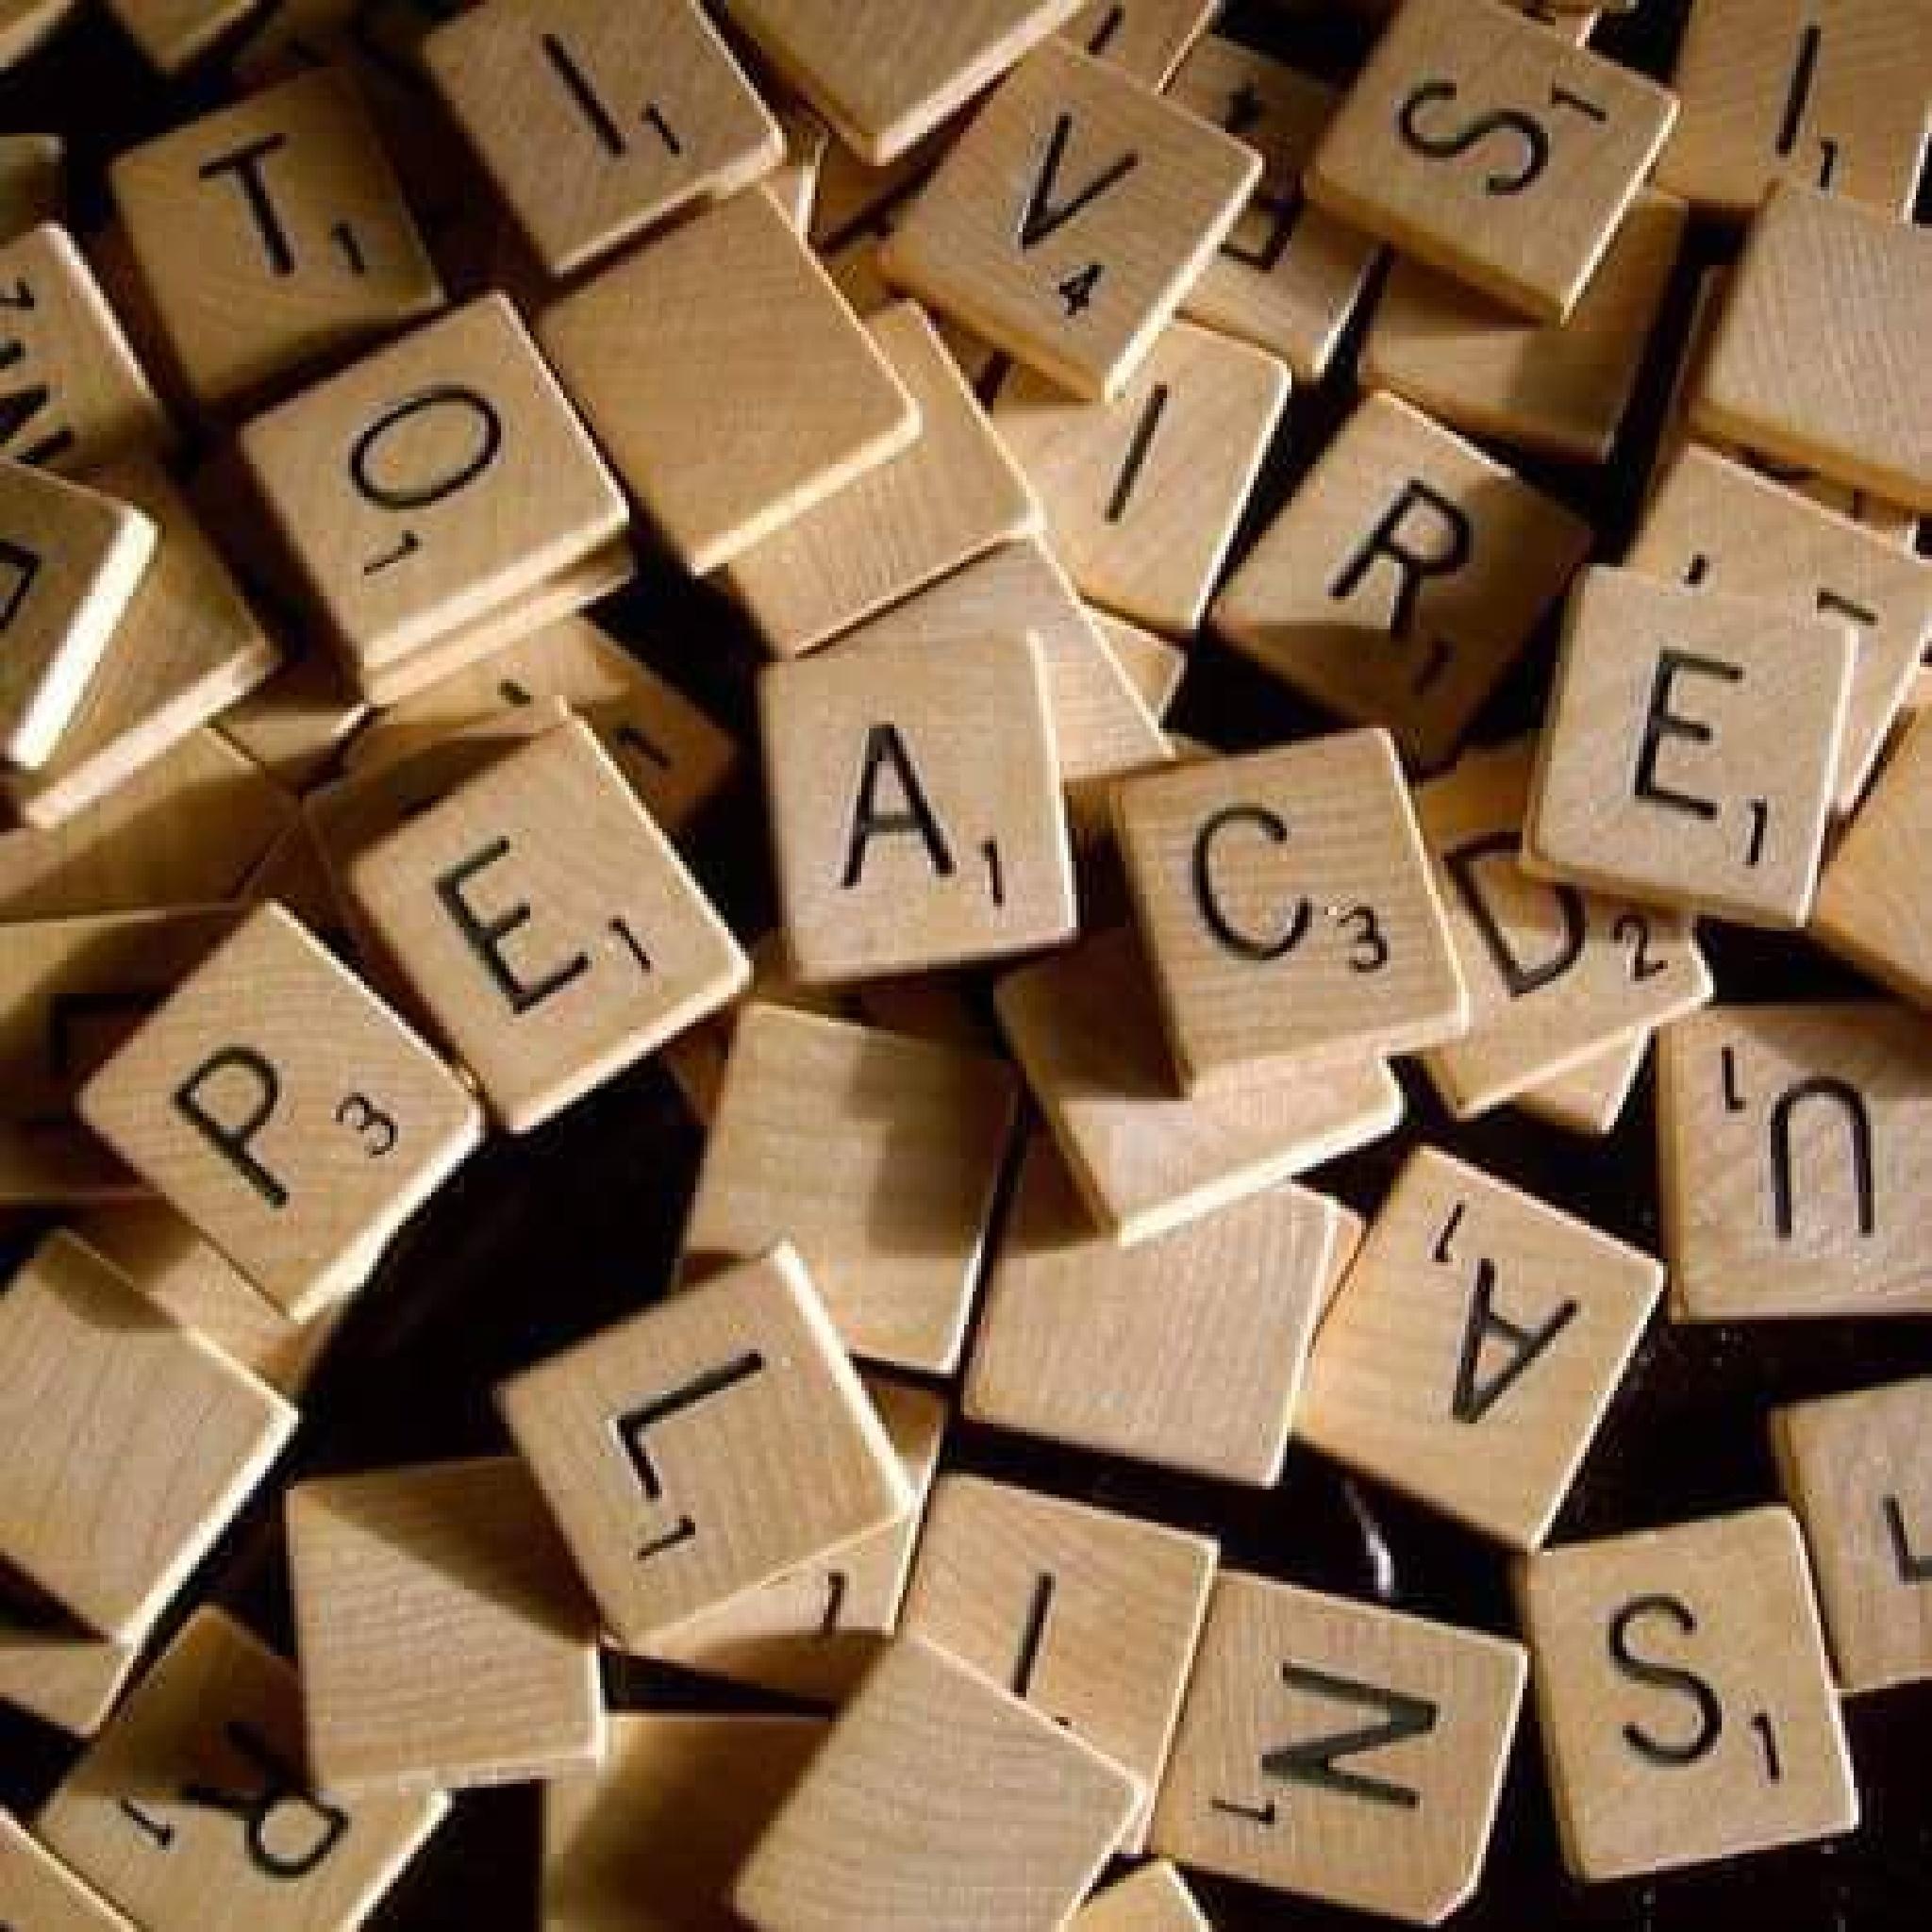 PEACE! Stop violence. by D.Ryffranck